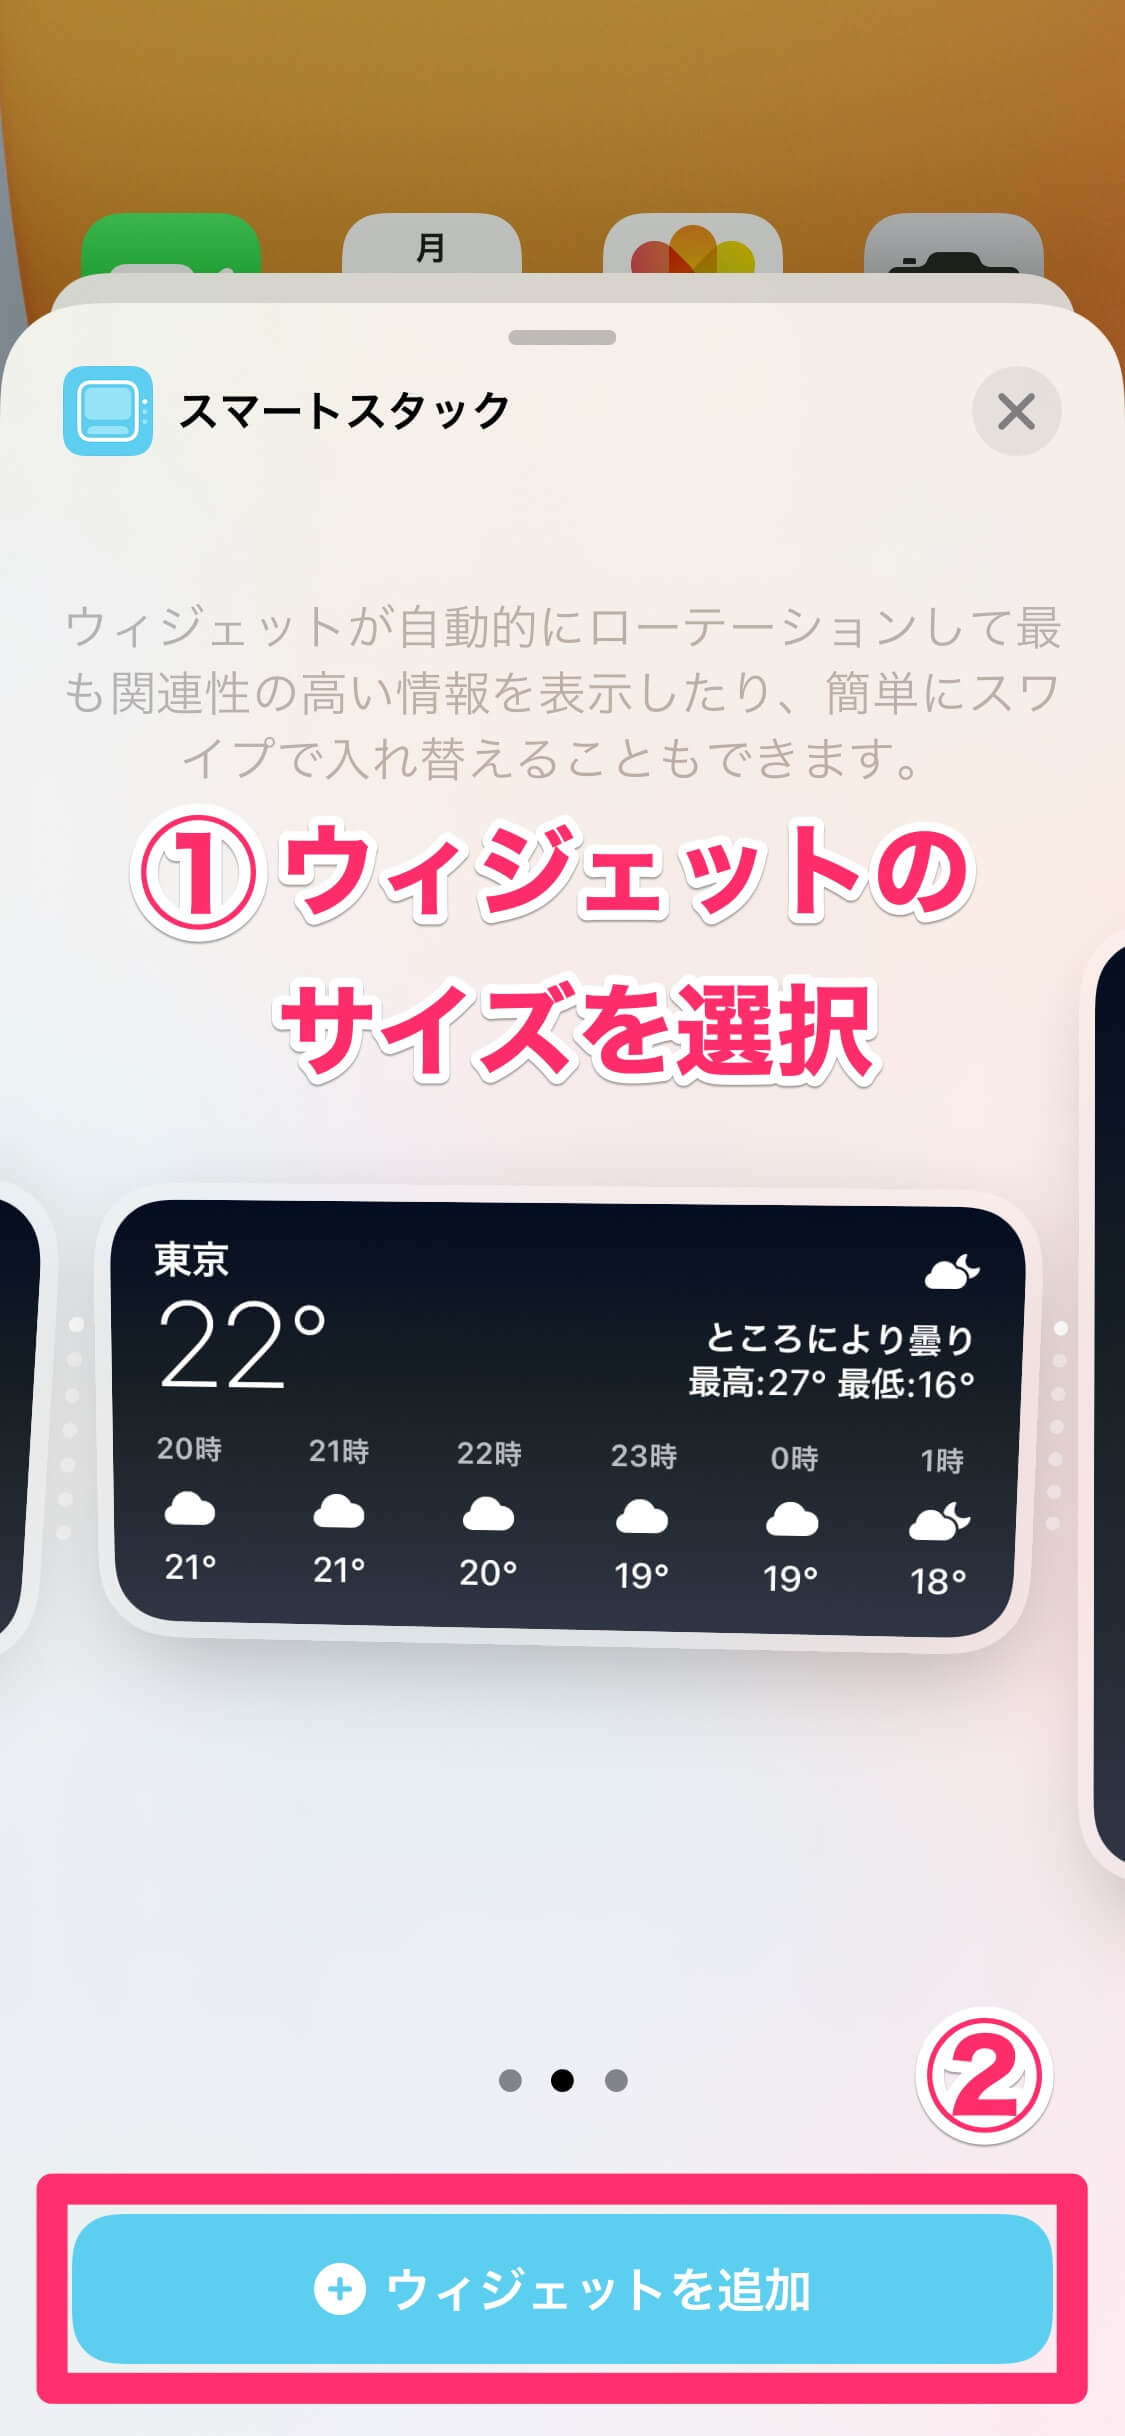 【iOS 14】新機能「ウィジェット」の基本。ホーム画面に天気予報やカレンダーの予定を配置できる